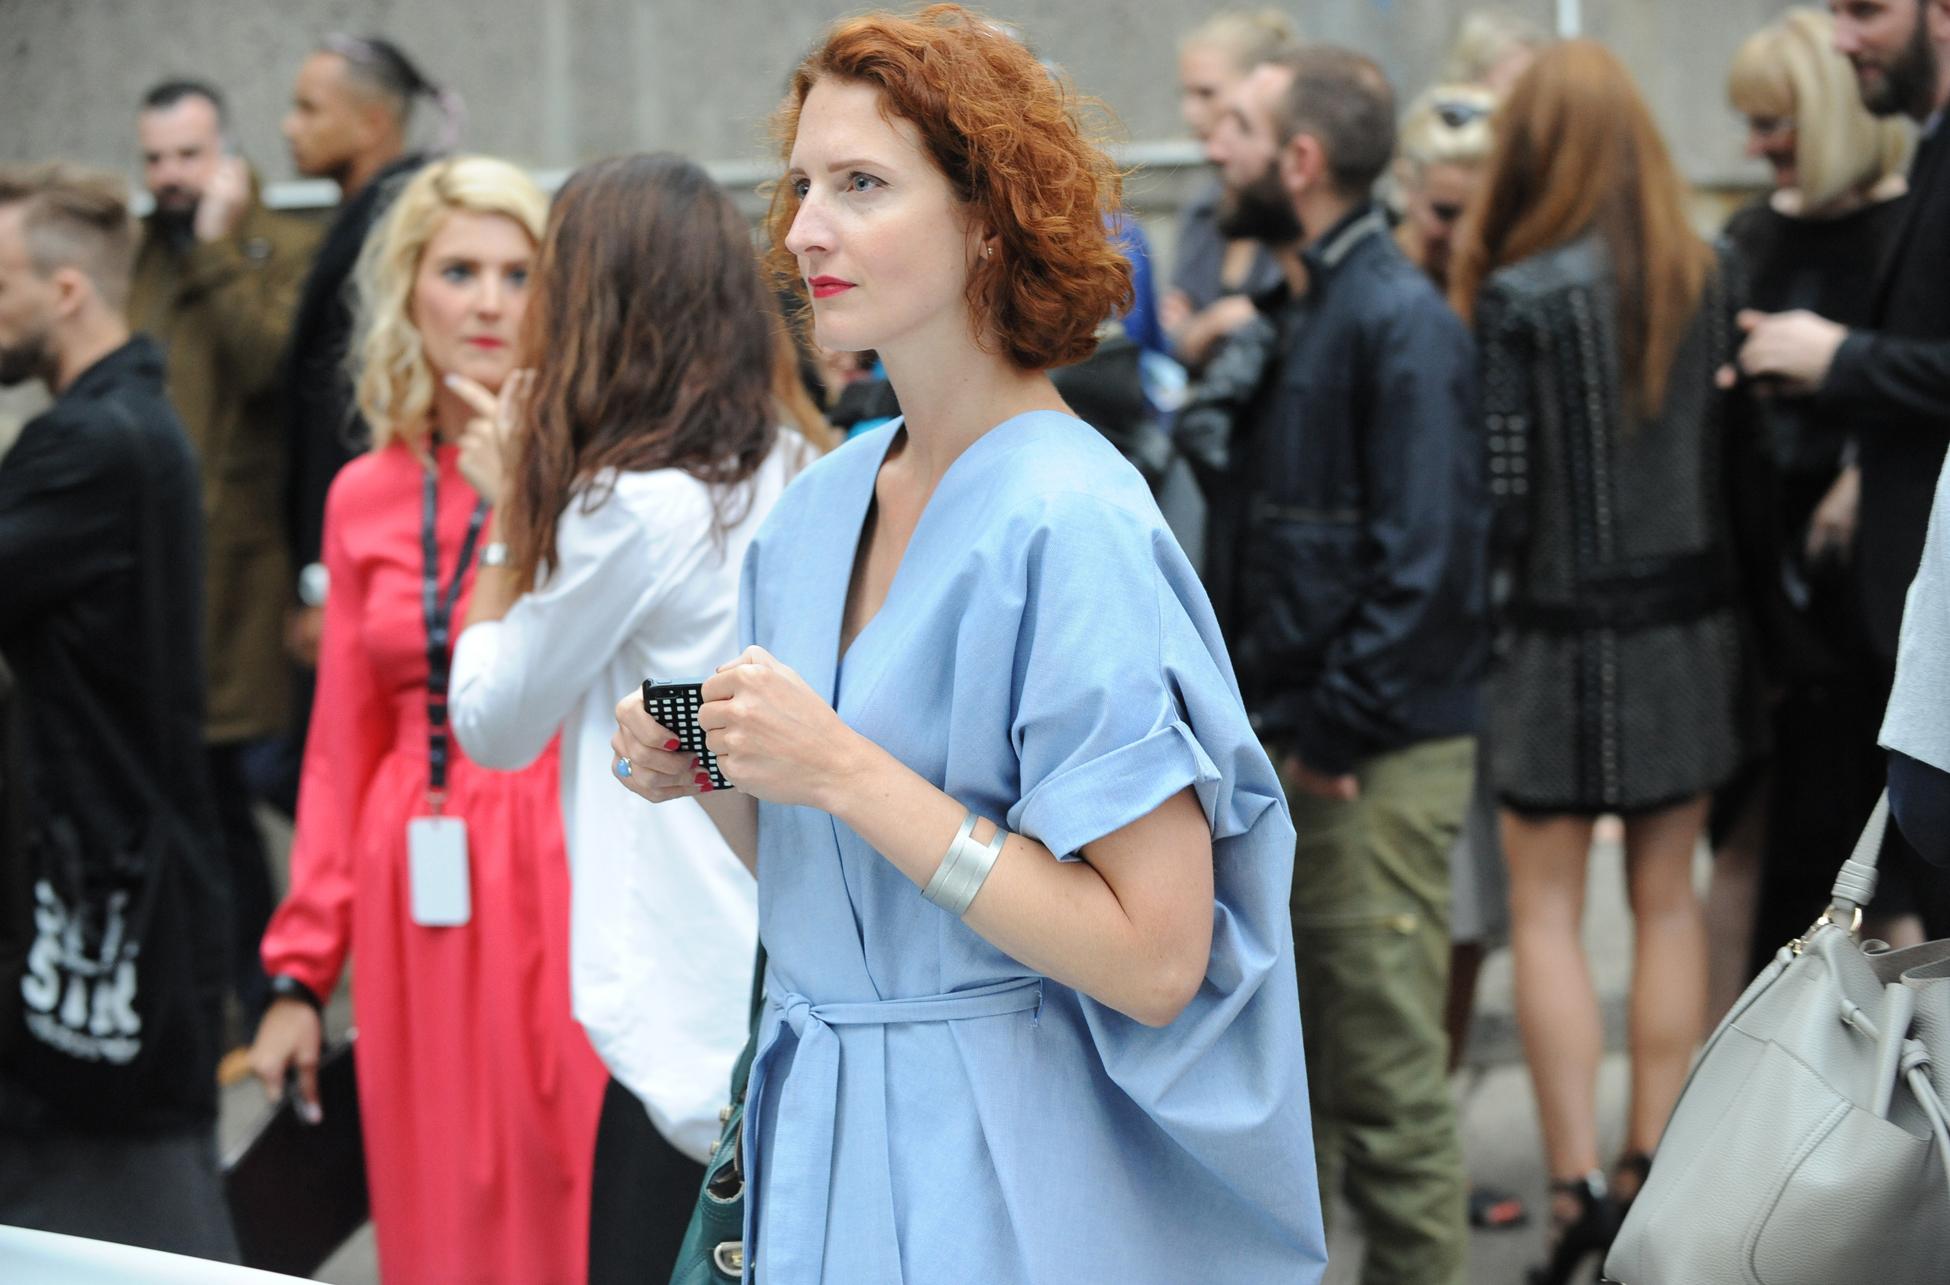 Street style at Prague Fashion Week.